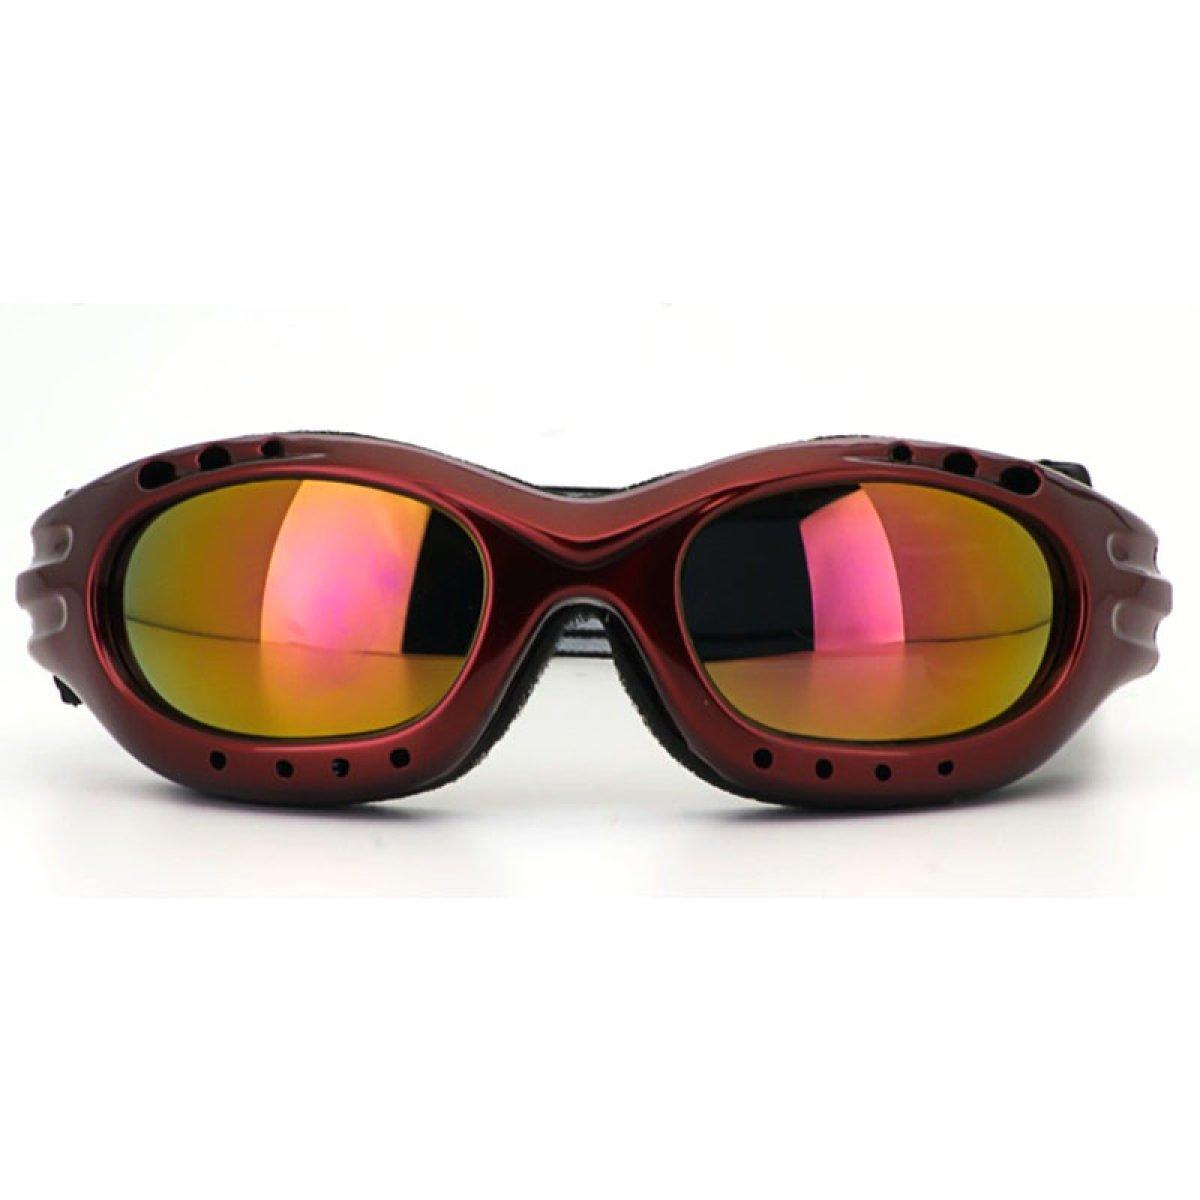 WDAKOWA Winddicht Staubdicht Outdoor Brillen Erwachsene Männer und Frauen Kinder Sport Skibrillen,Pink